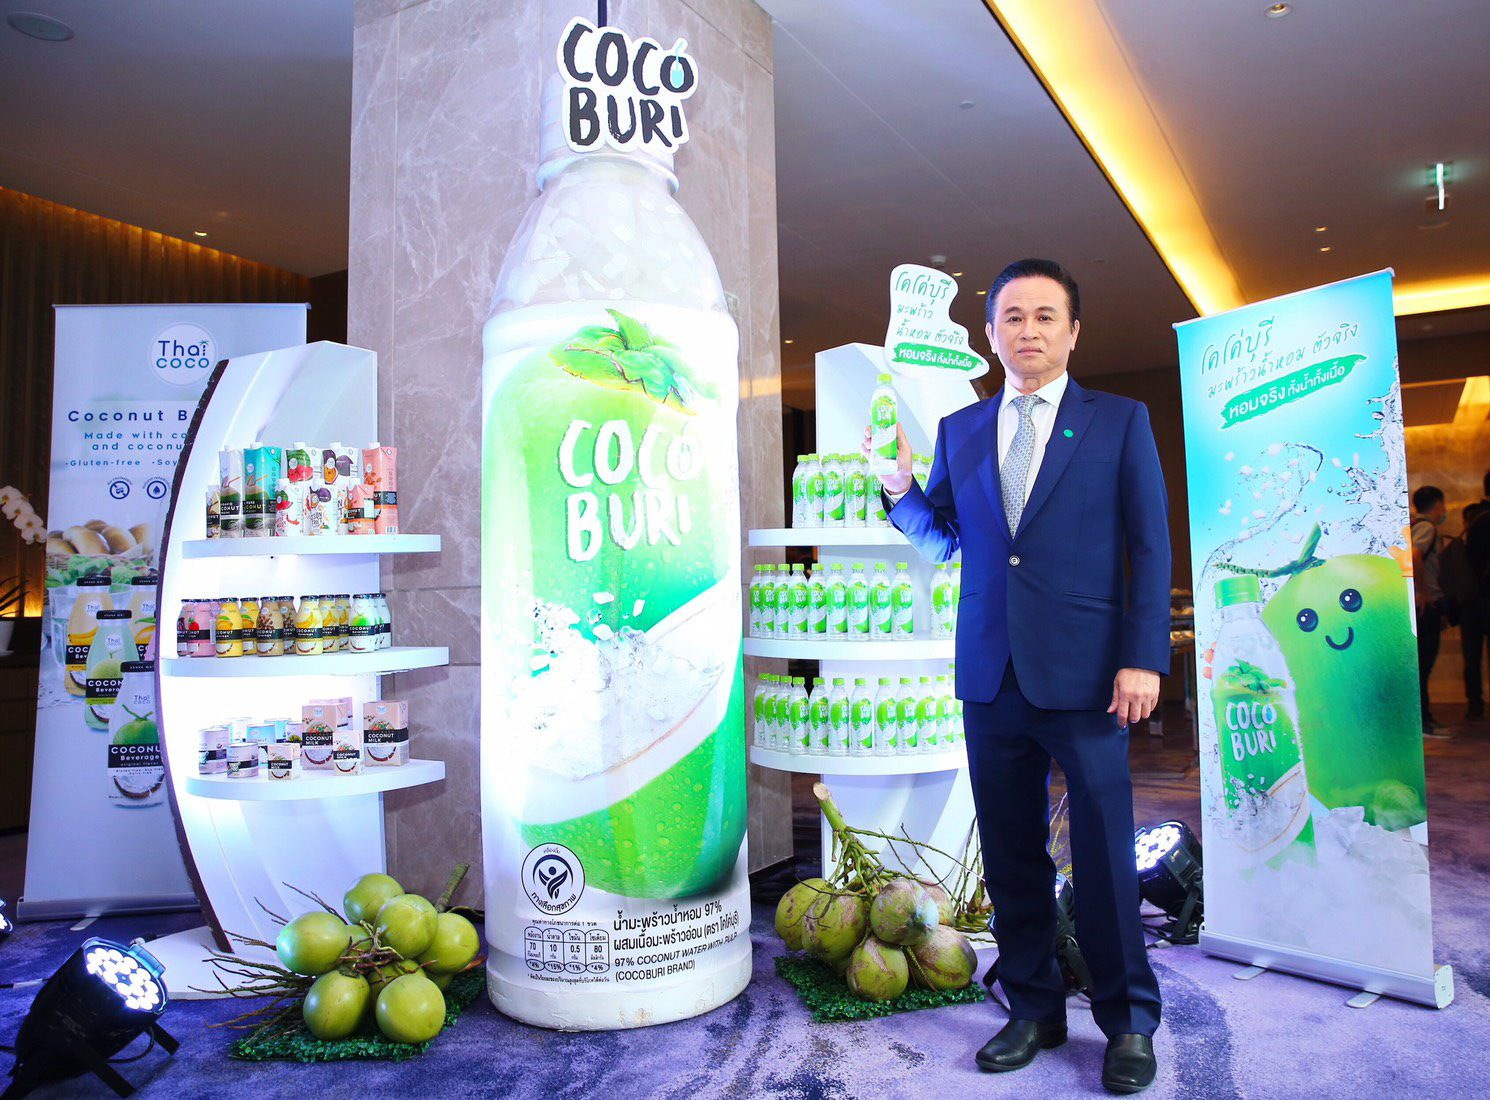 """""""ไทย โคโคนัท"""" พร้อมเปิดศึกตลาดน้ำมะพร้าวพร้อมดื่มเมืองไทย เปิดตัว """"โคโค่บุรี"""" มะพร้าวน้ำหอมผสมเนื้อมะพร้าวอ่อน 100%"""